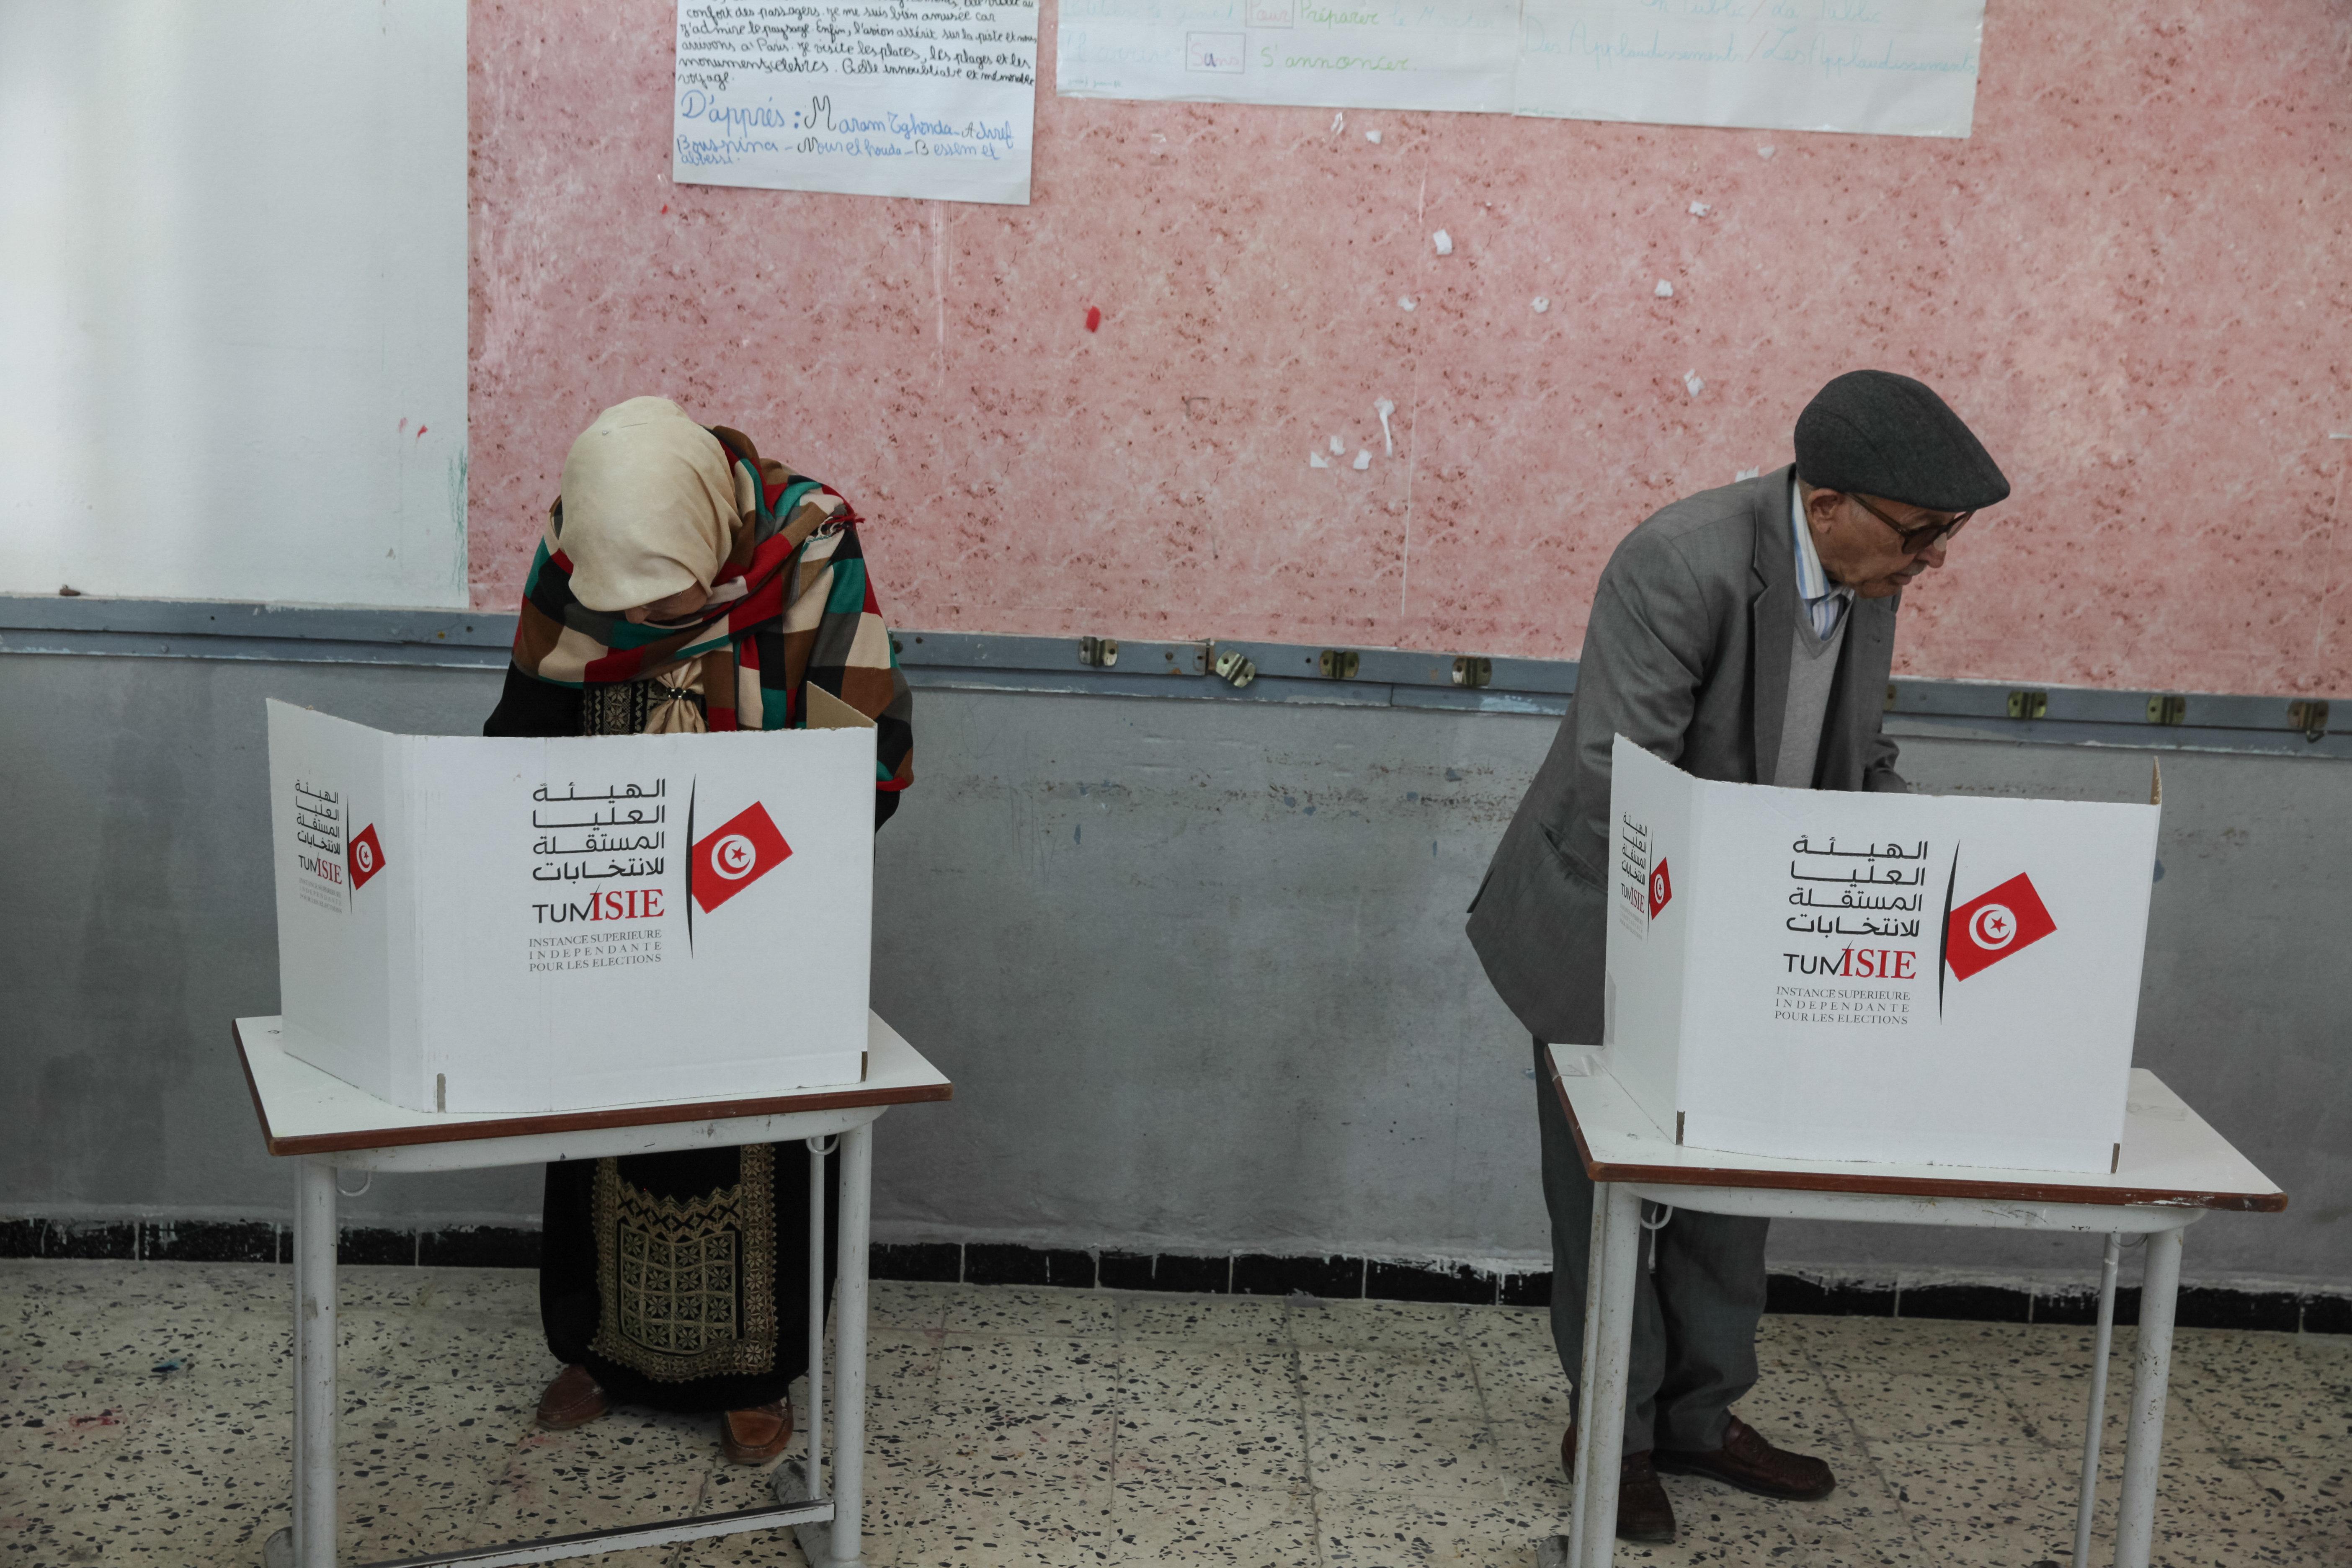 Élections municipales en Tunisie: le parti islamiste Ennahdha en tête à Tunis